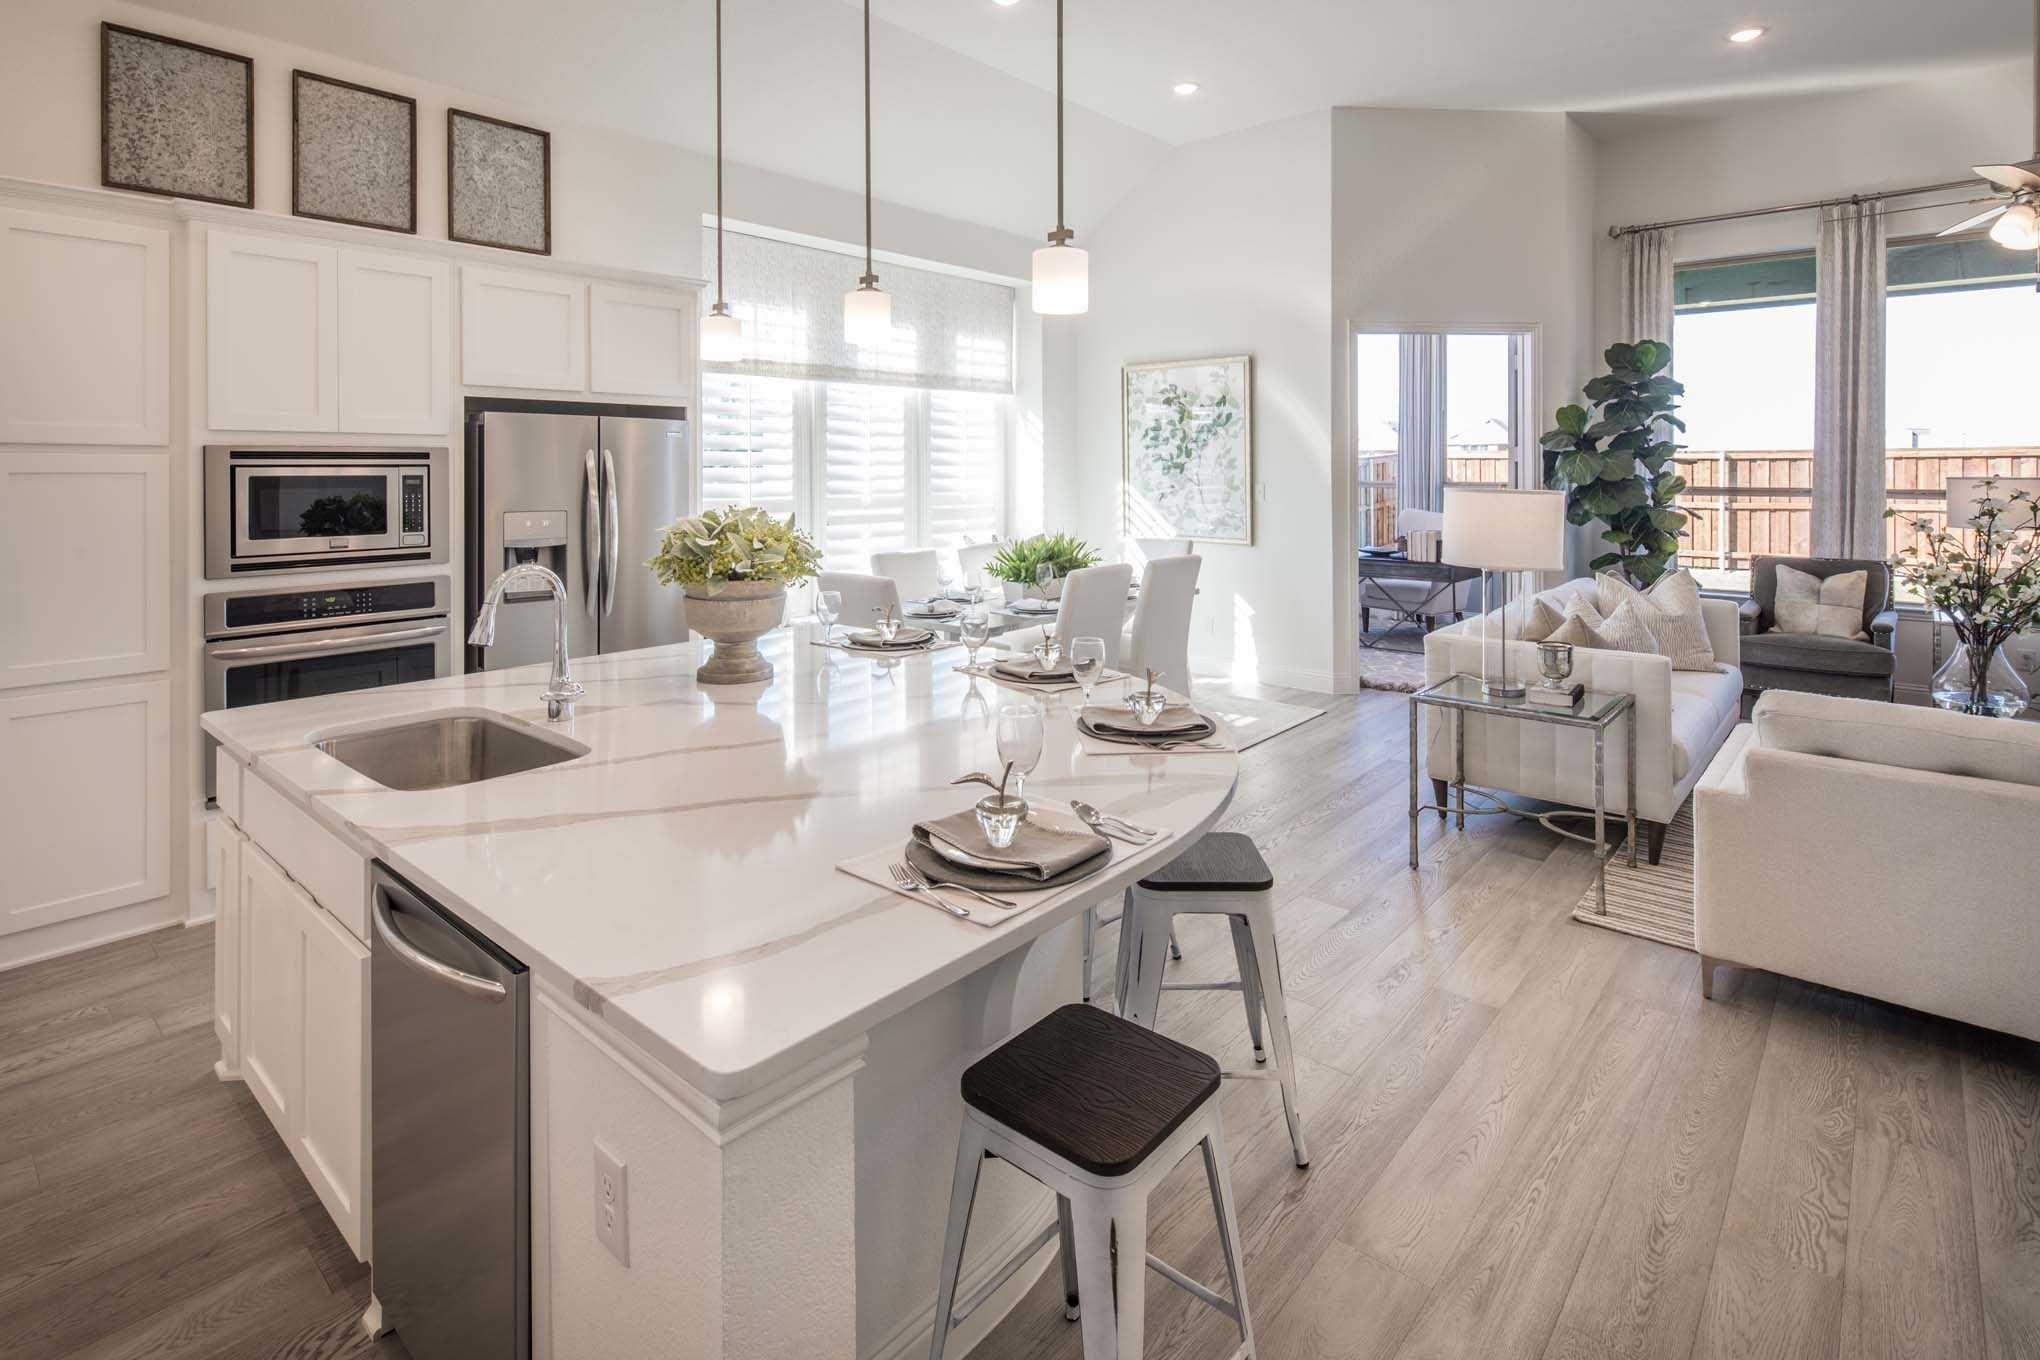 Kitchen In Highland Homes 553 Plan At 705 Lost Woods Way Mckinney